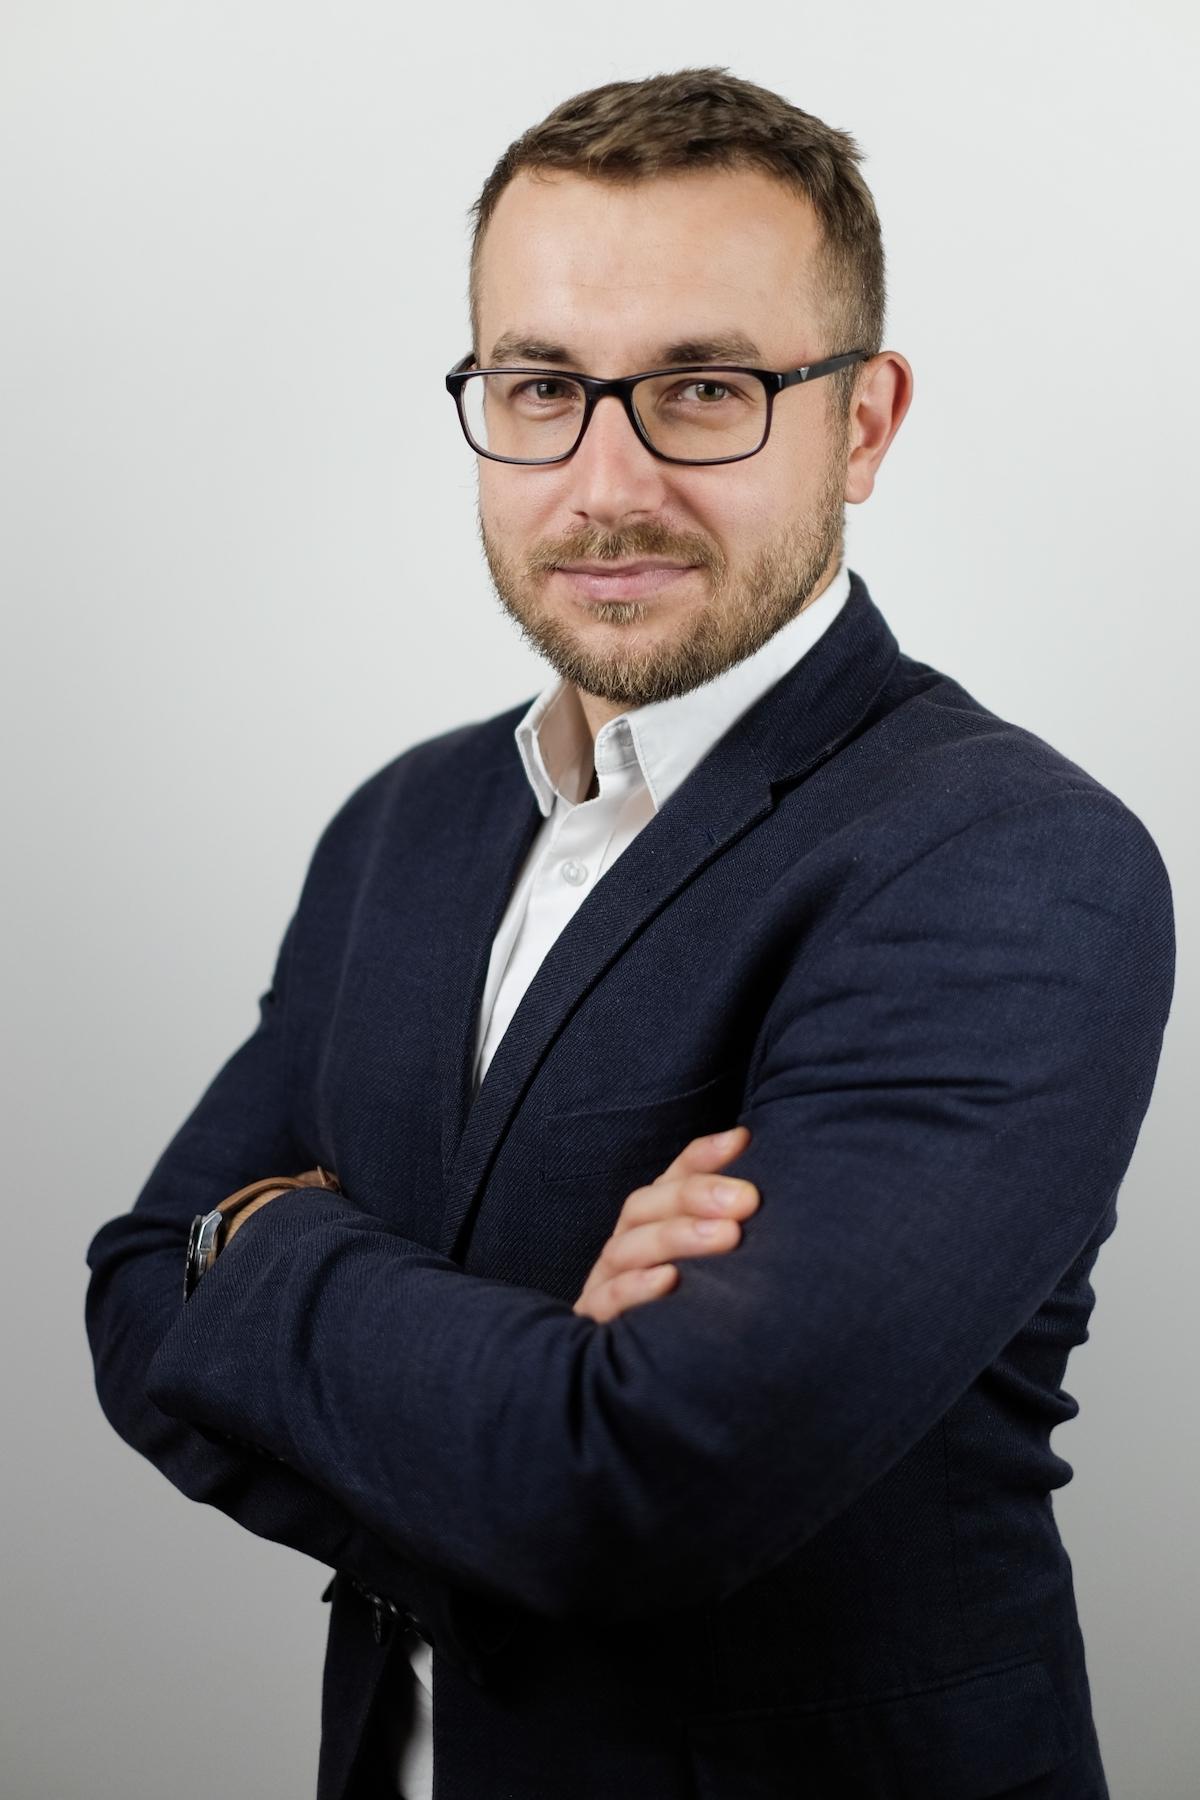 Daniel Urminský